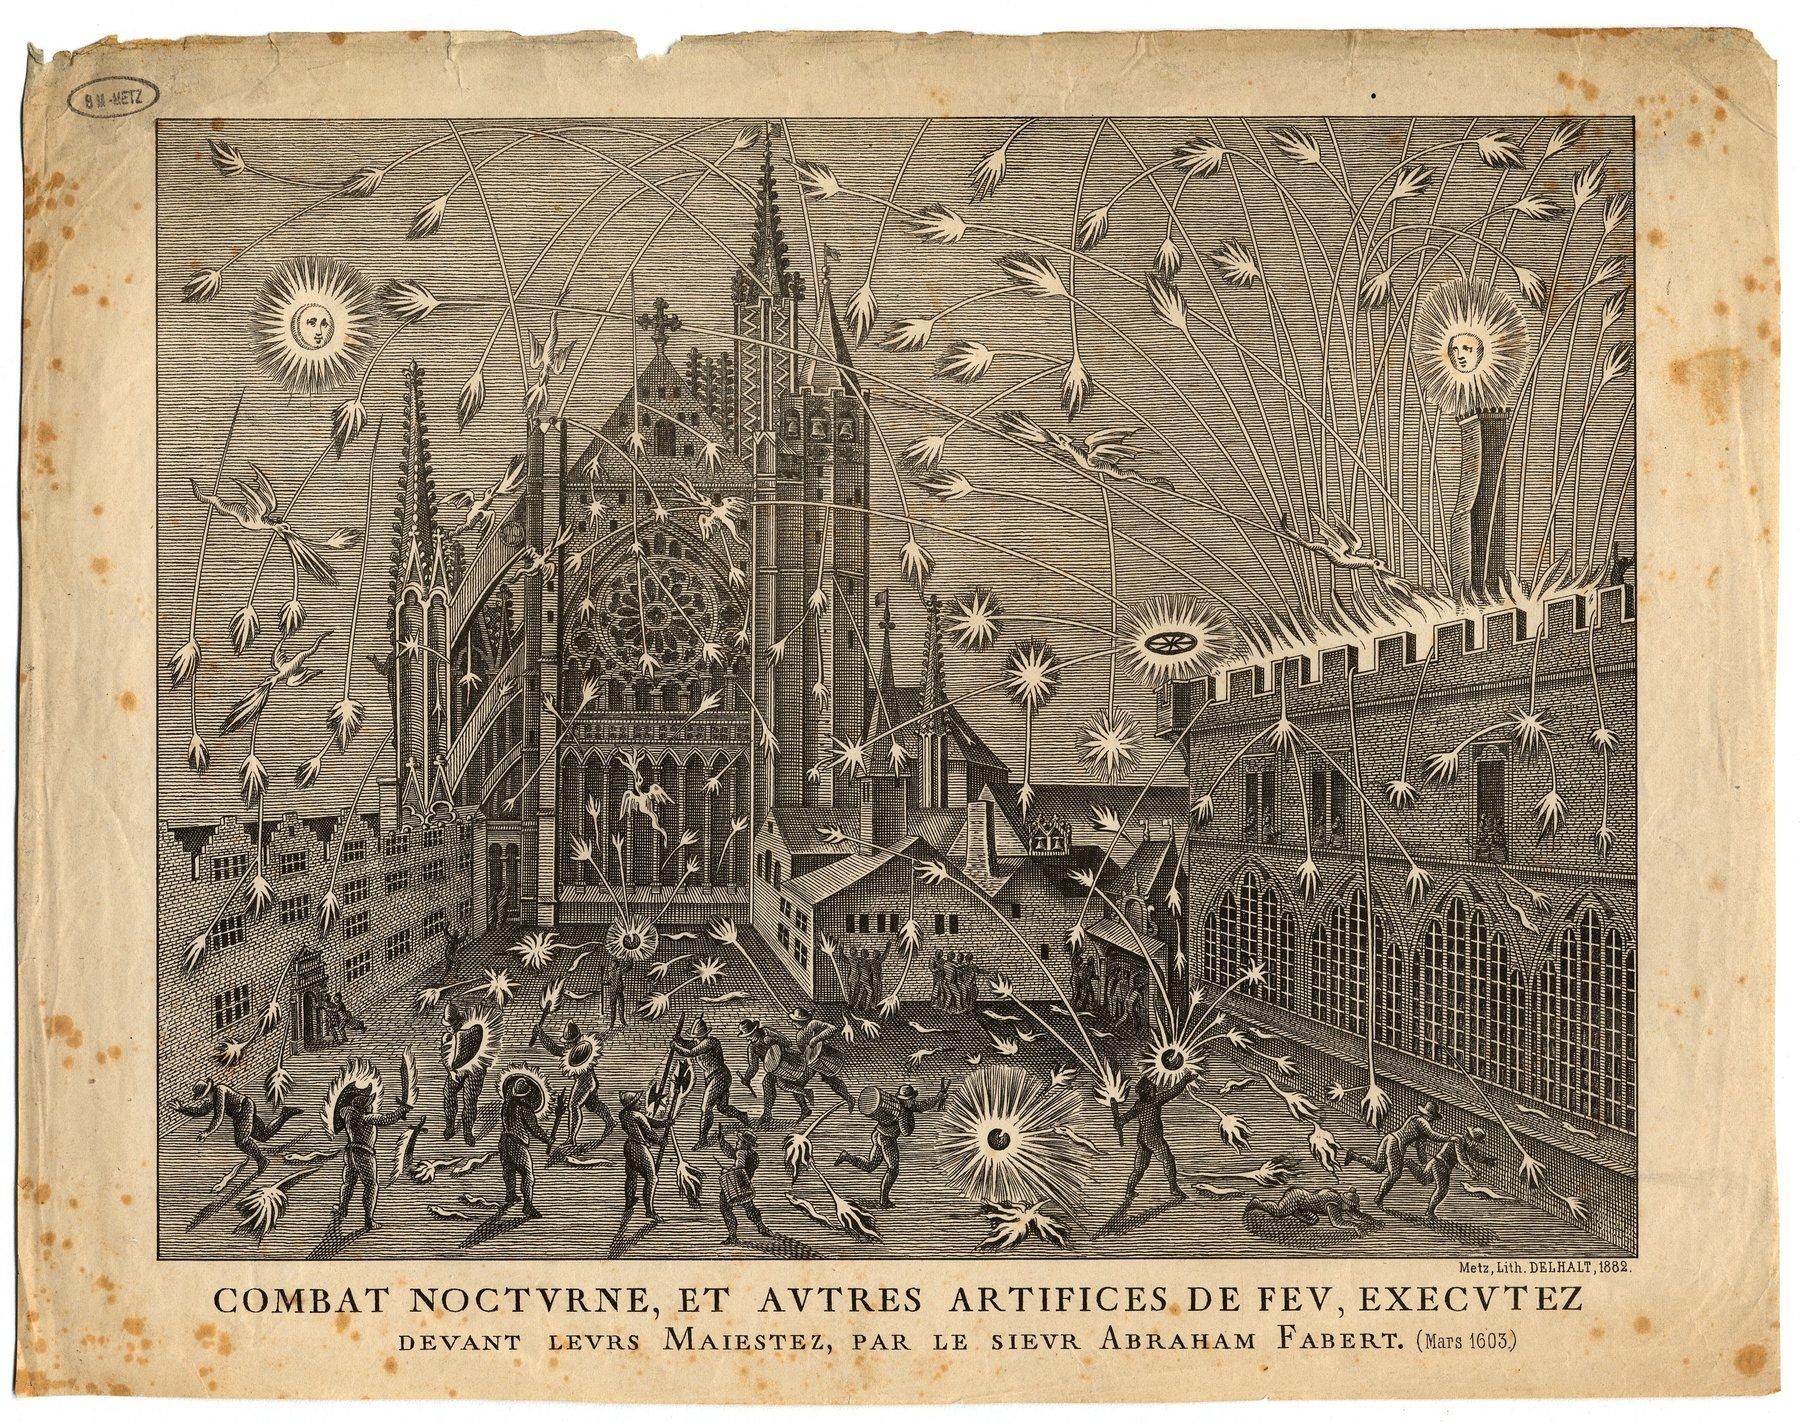 Contenu du Combat nocturne et autres artifices de feu, executez deavant leurs Maiestez par le sieur Abraham Fabert